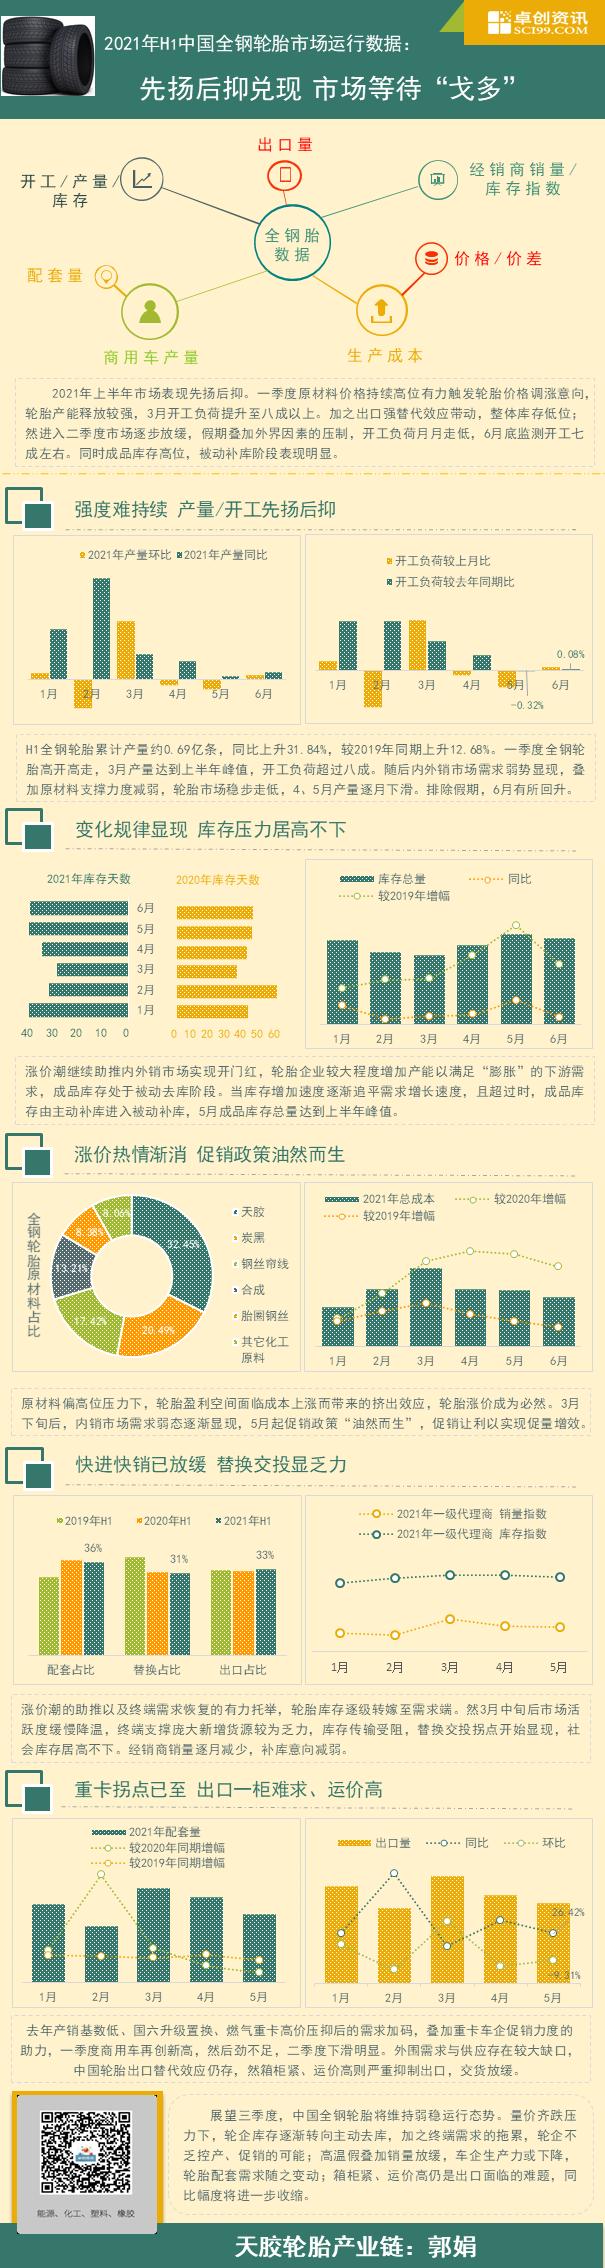 """【卓创分析】:2021年H1中国全钢轮胎市场运行数据:先扬后抑兑现 市场等待""""戈多"""""""